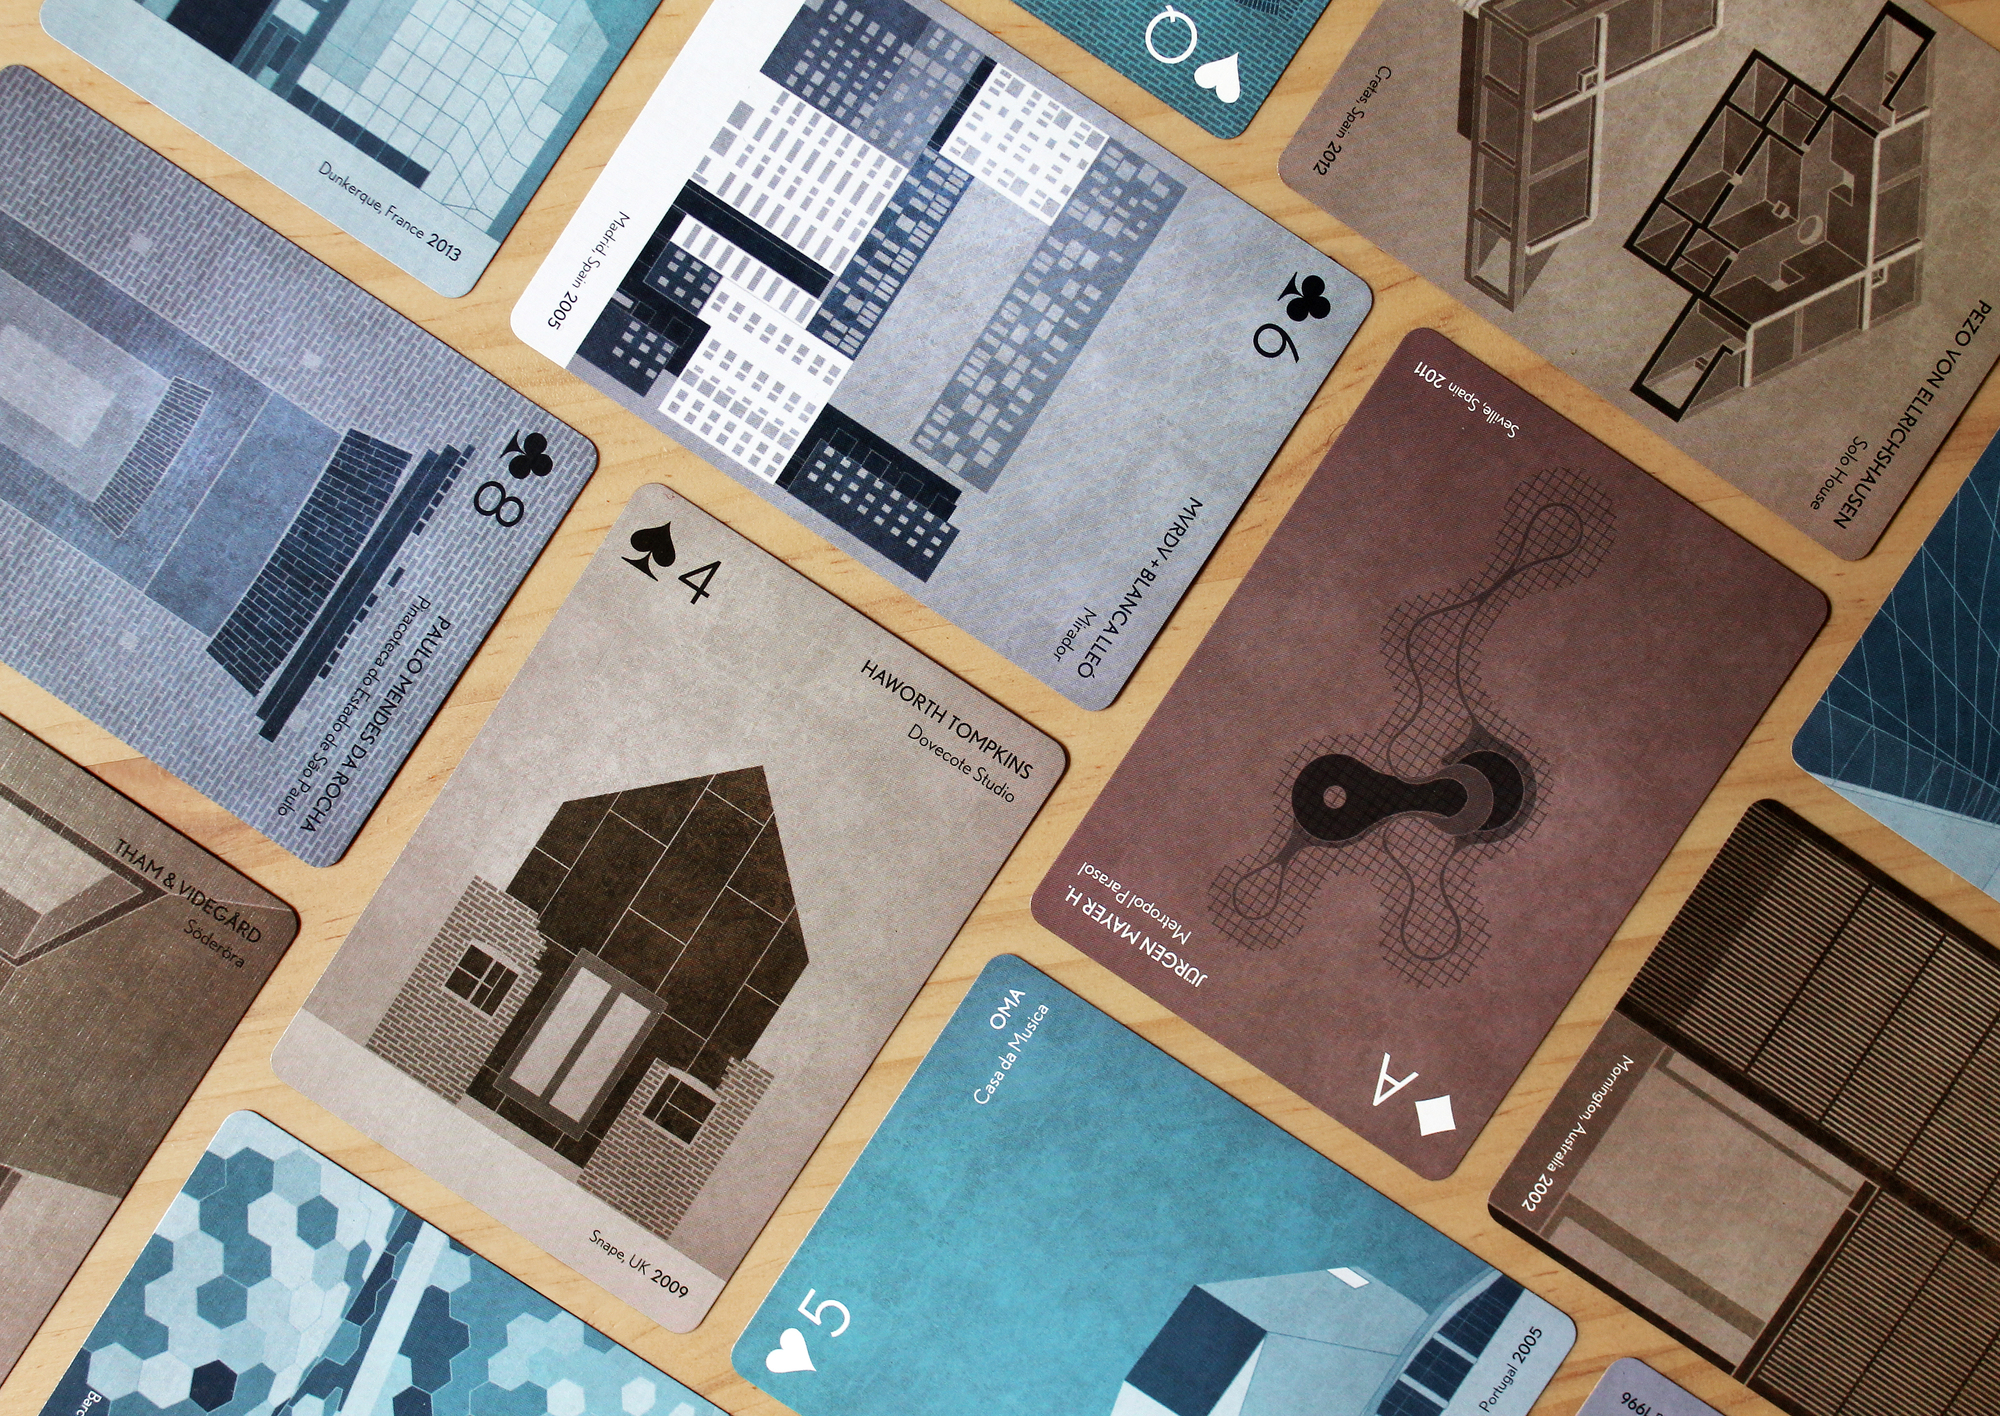 SCALA: naipes con dibujos que reflejan la arquitectura de los últimos 25 años del Siglo XXI